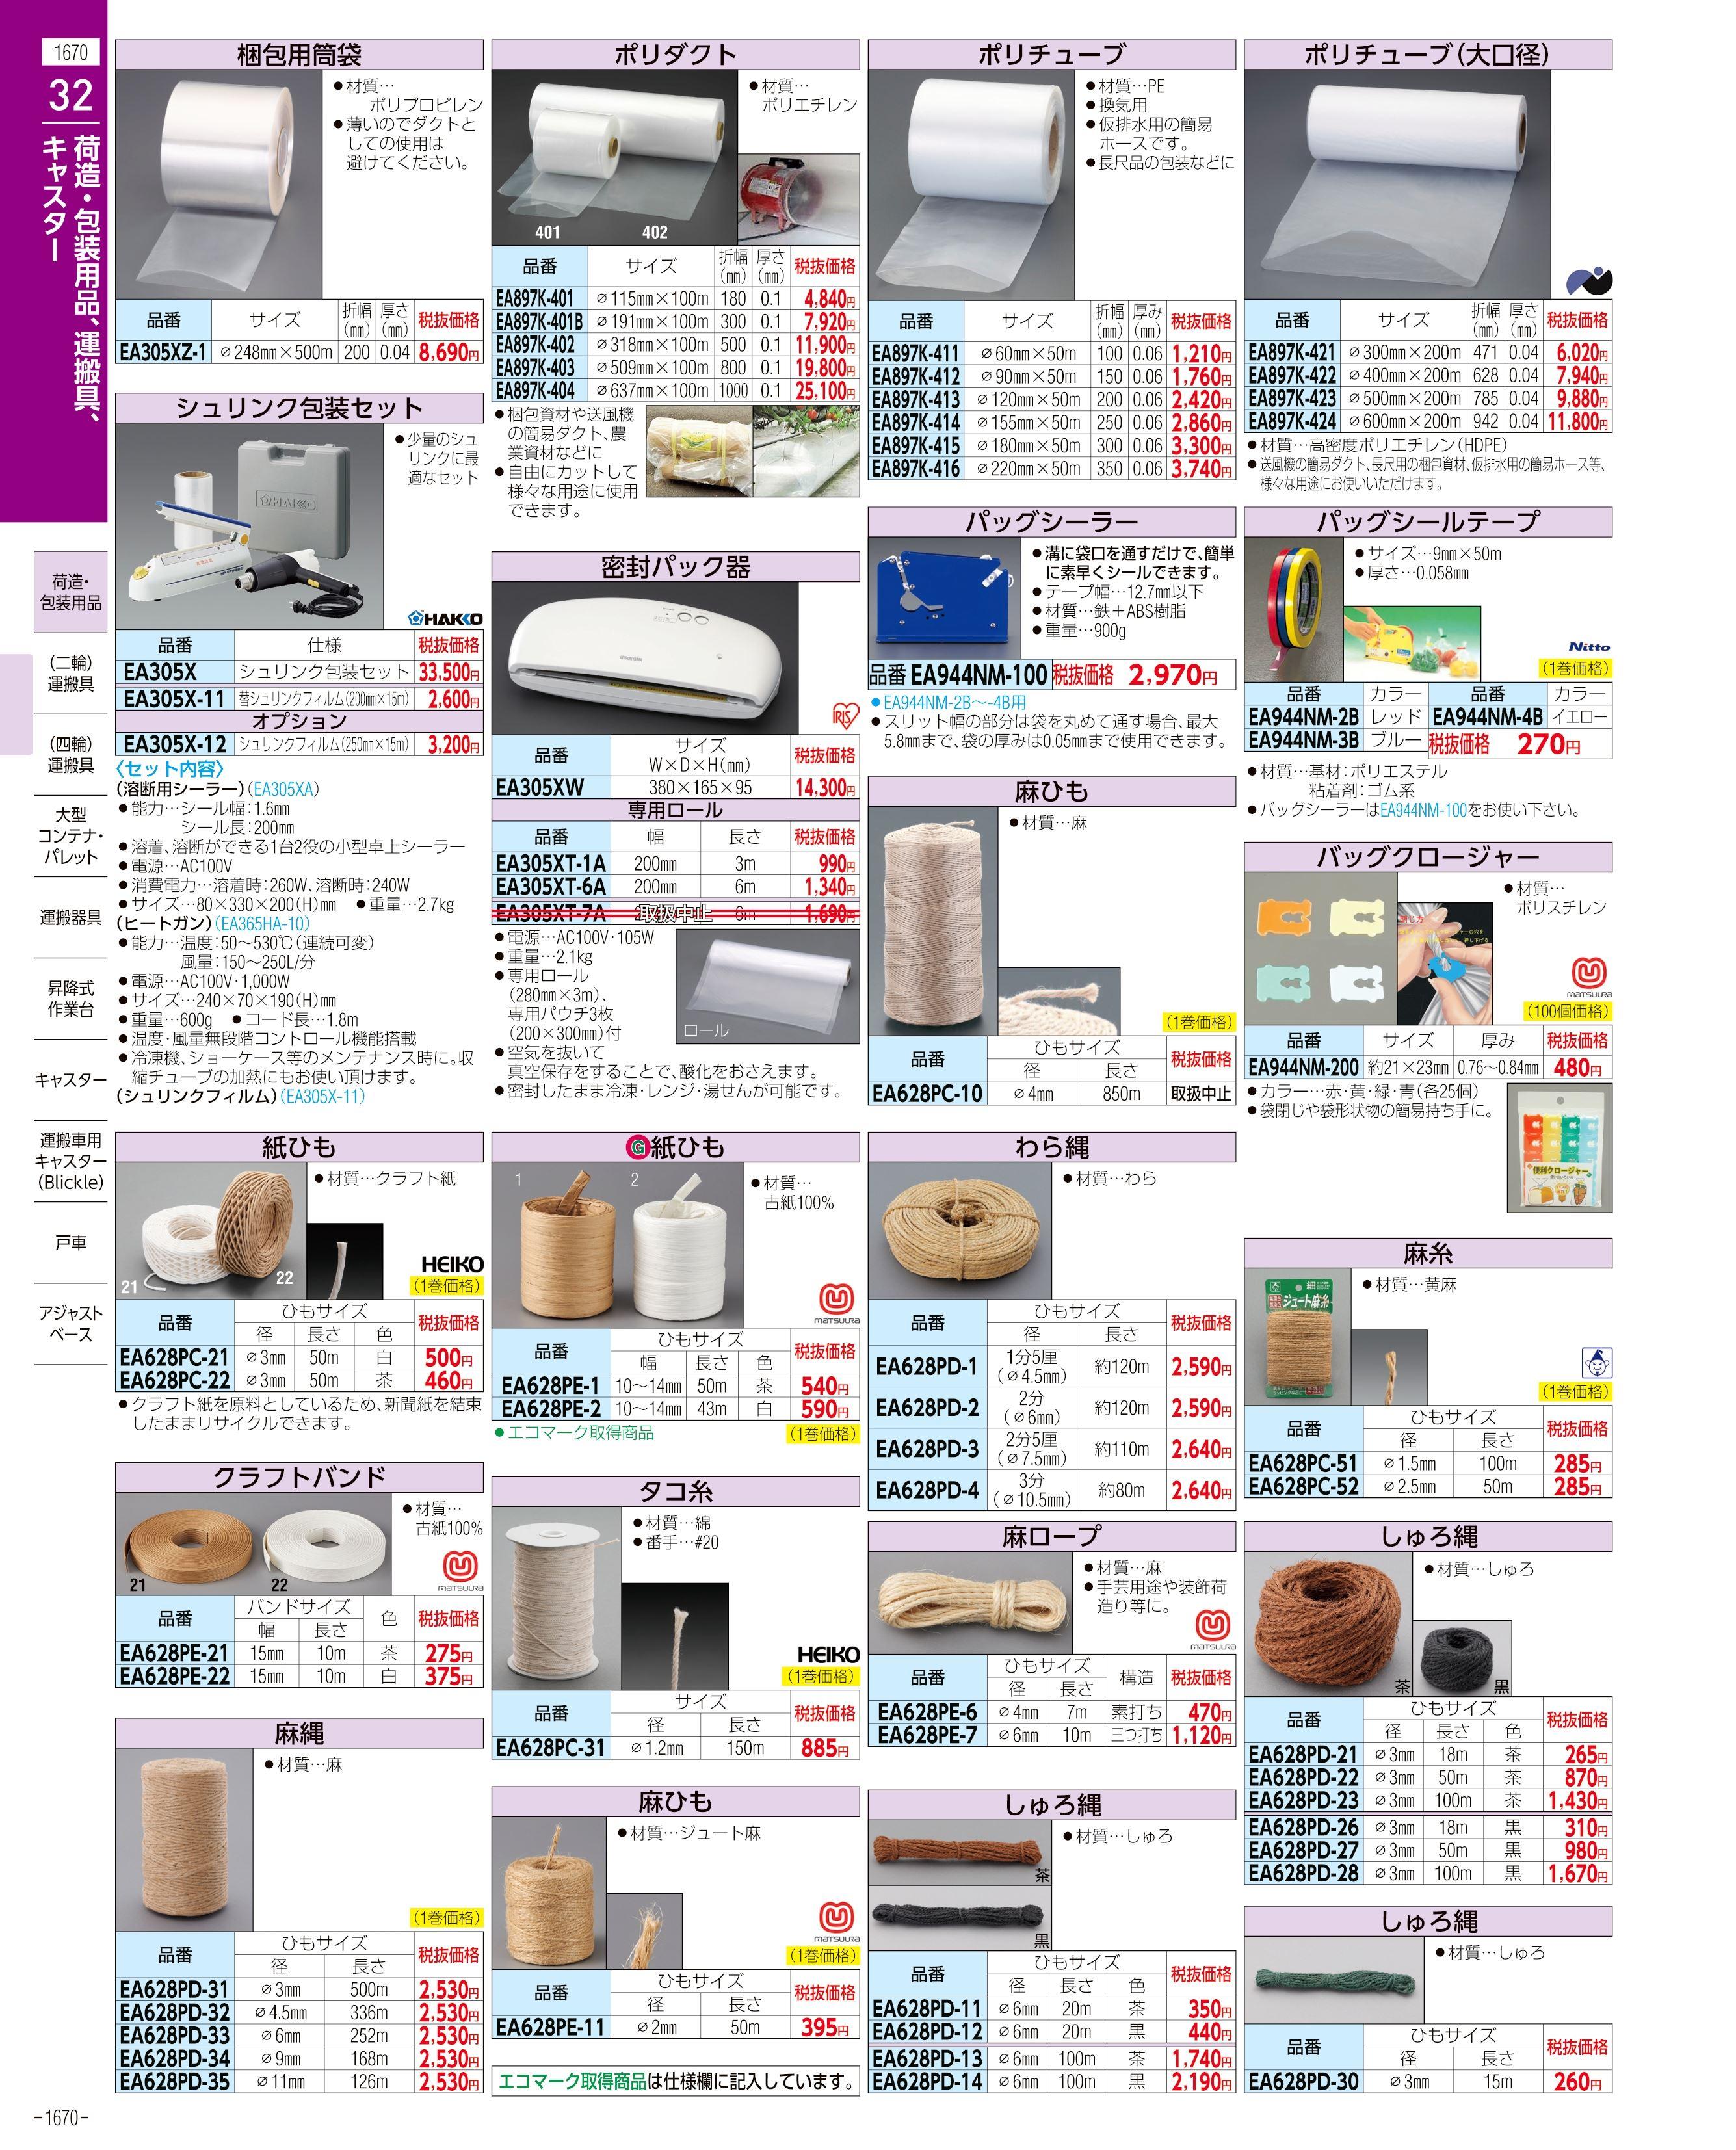 エスコ便利カタログ1670ページ